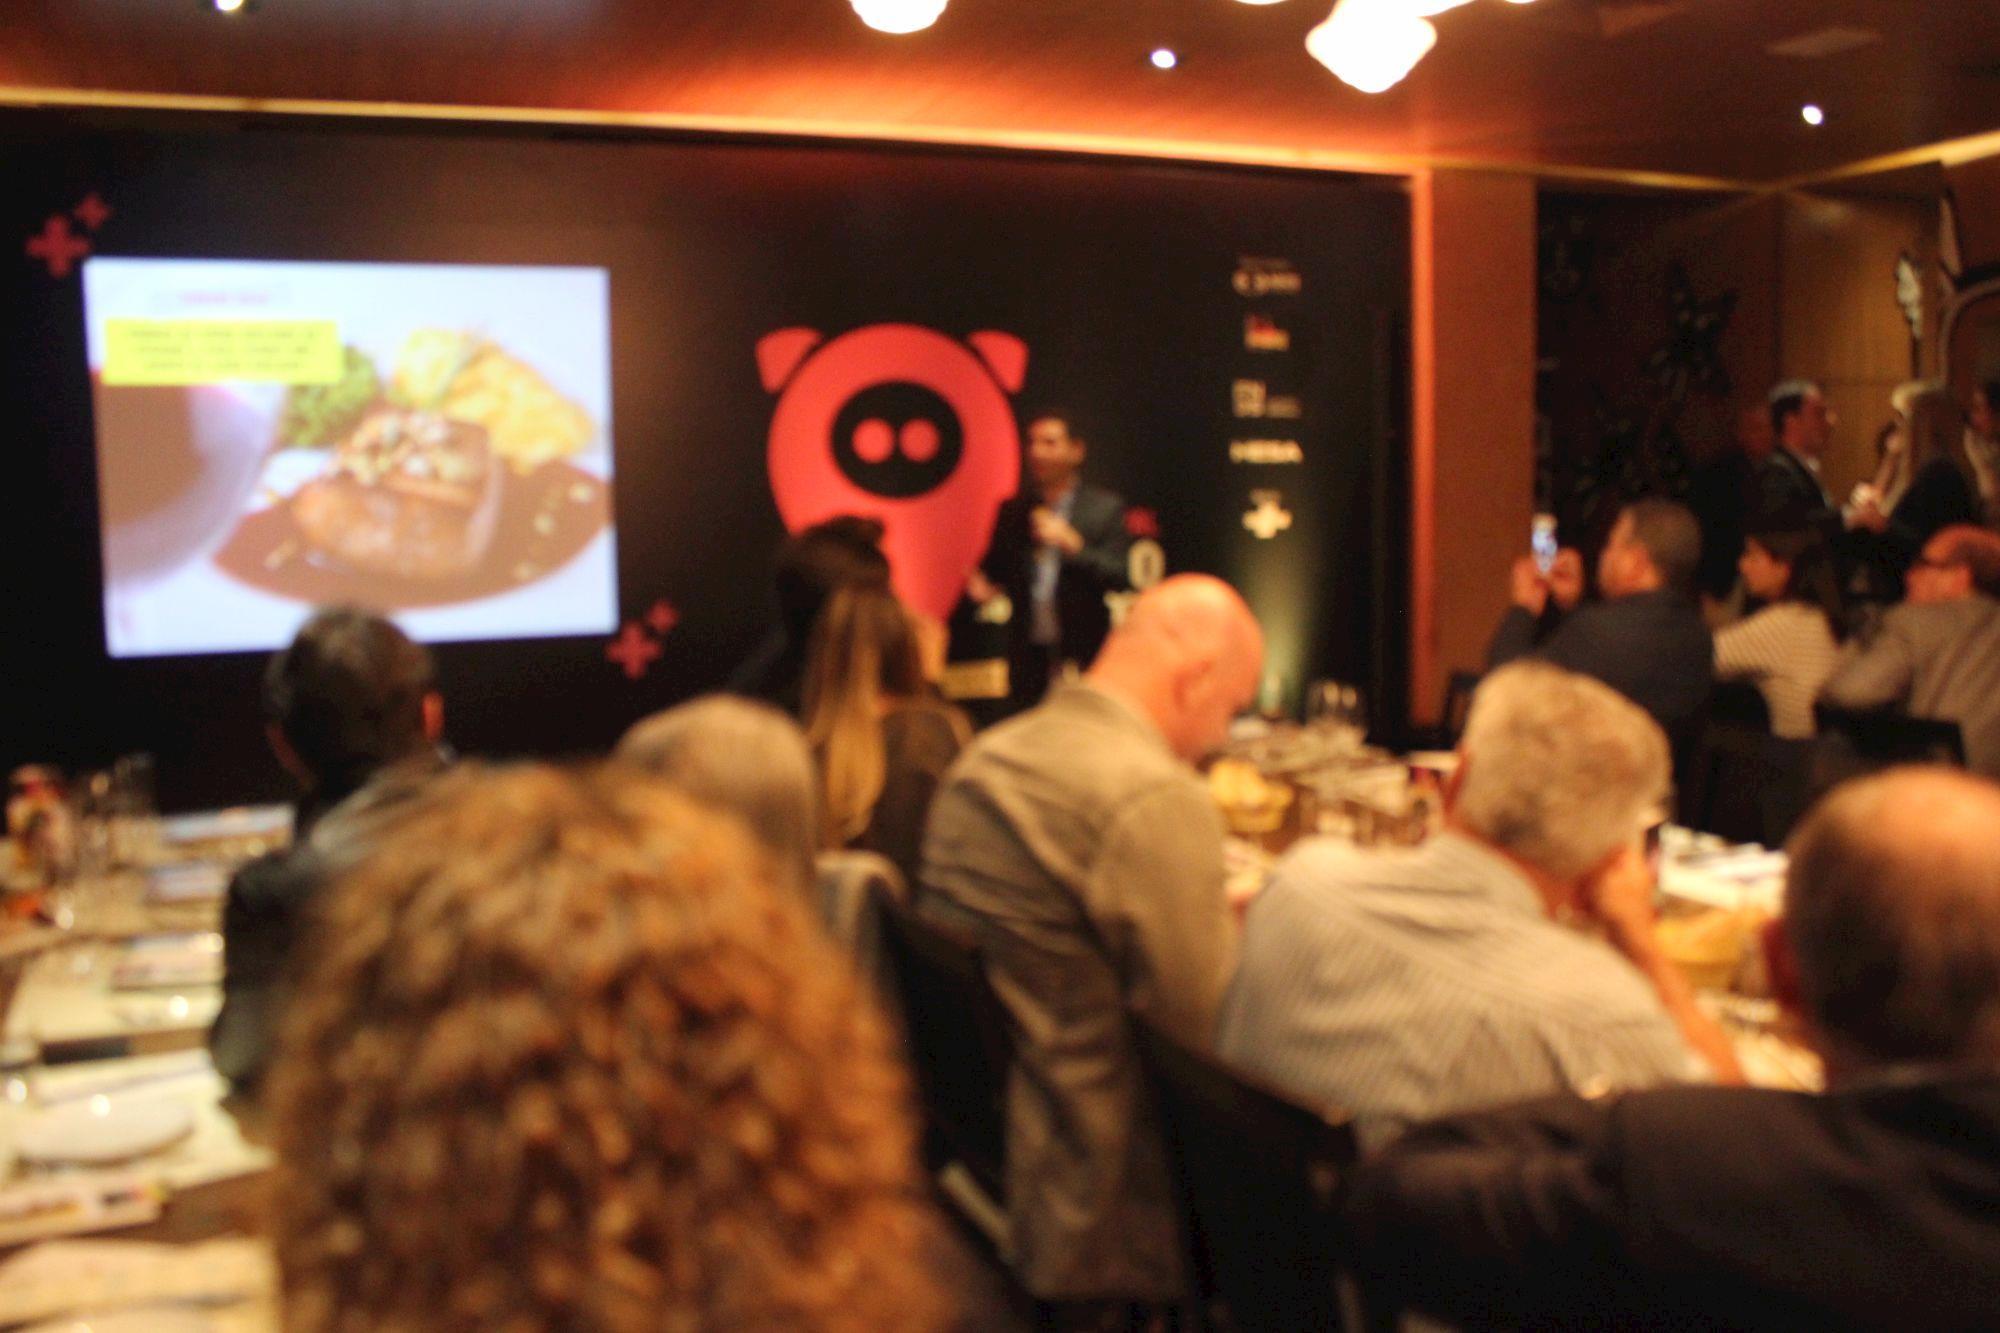 Começa hoje,  em São Paulo,  o Festival Suíno no Ponto, Começa hoje,  em São Paulo,  o Festival Suíno no Ponto